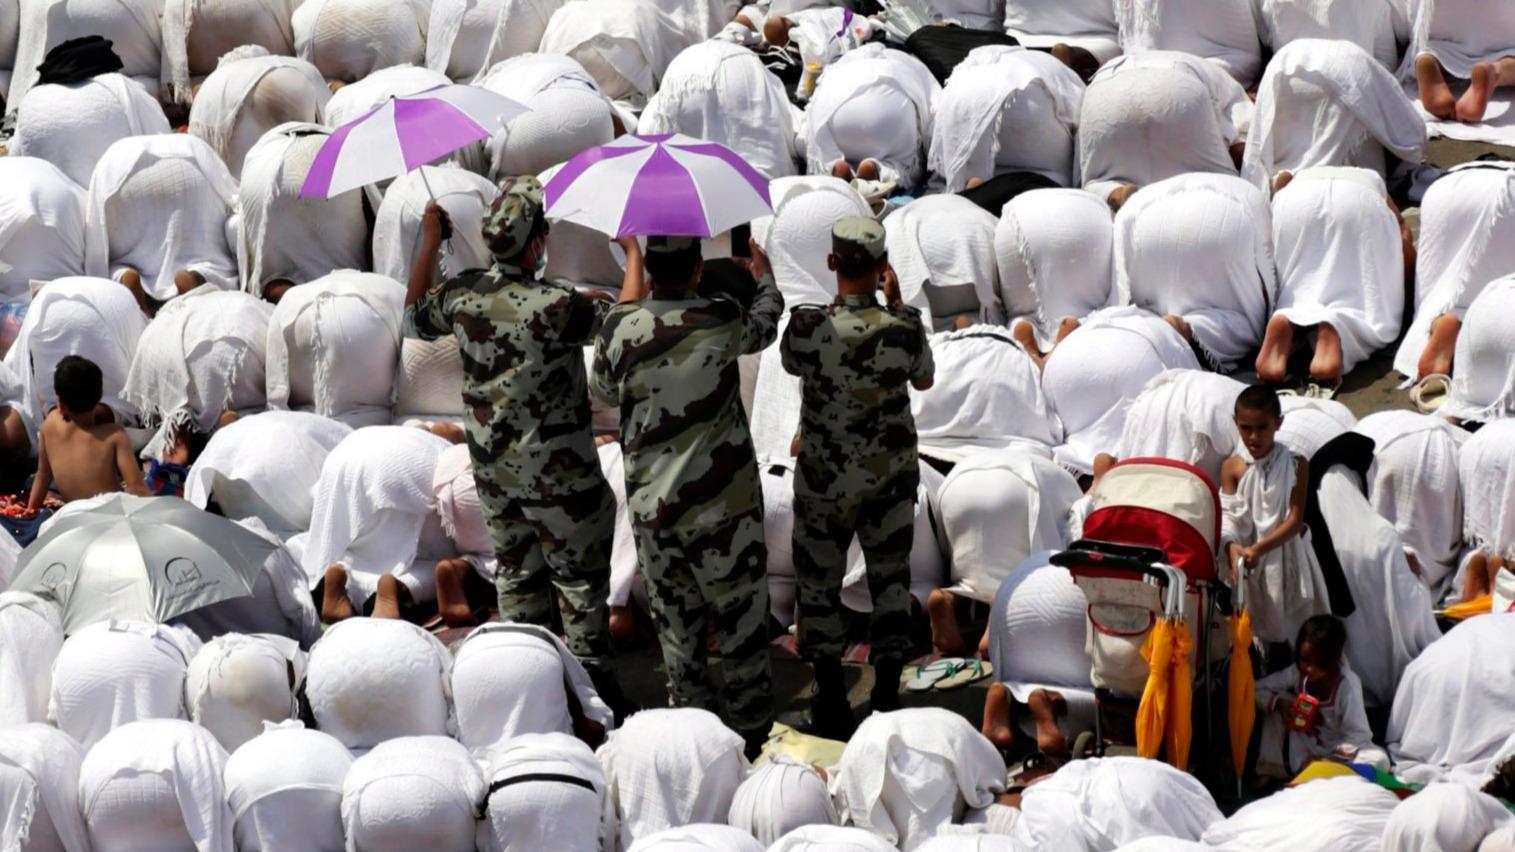 Mina, 2015. szeptember 23. Muzulmán zarándokok imádkoznak a Nimra mecsetnél a Mekkától 5 km-re délkeletre fekvő Minában a mekkai zarándoklaton, a háddzson 2015. szeptember 23-án. (MTI/EPA/Amel Pain)